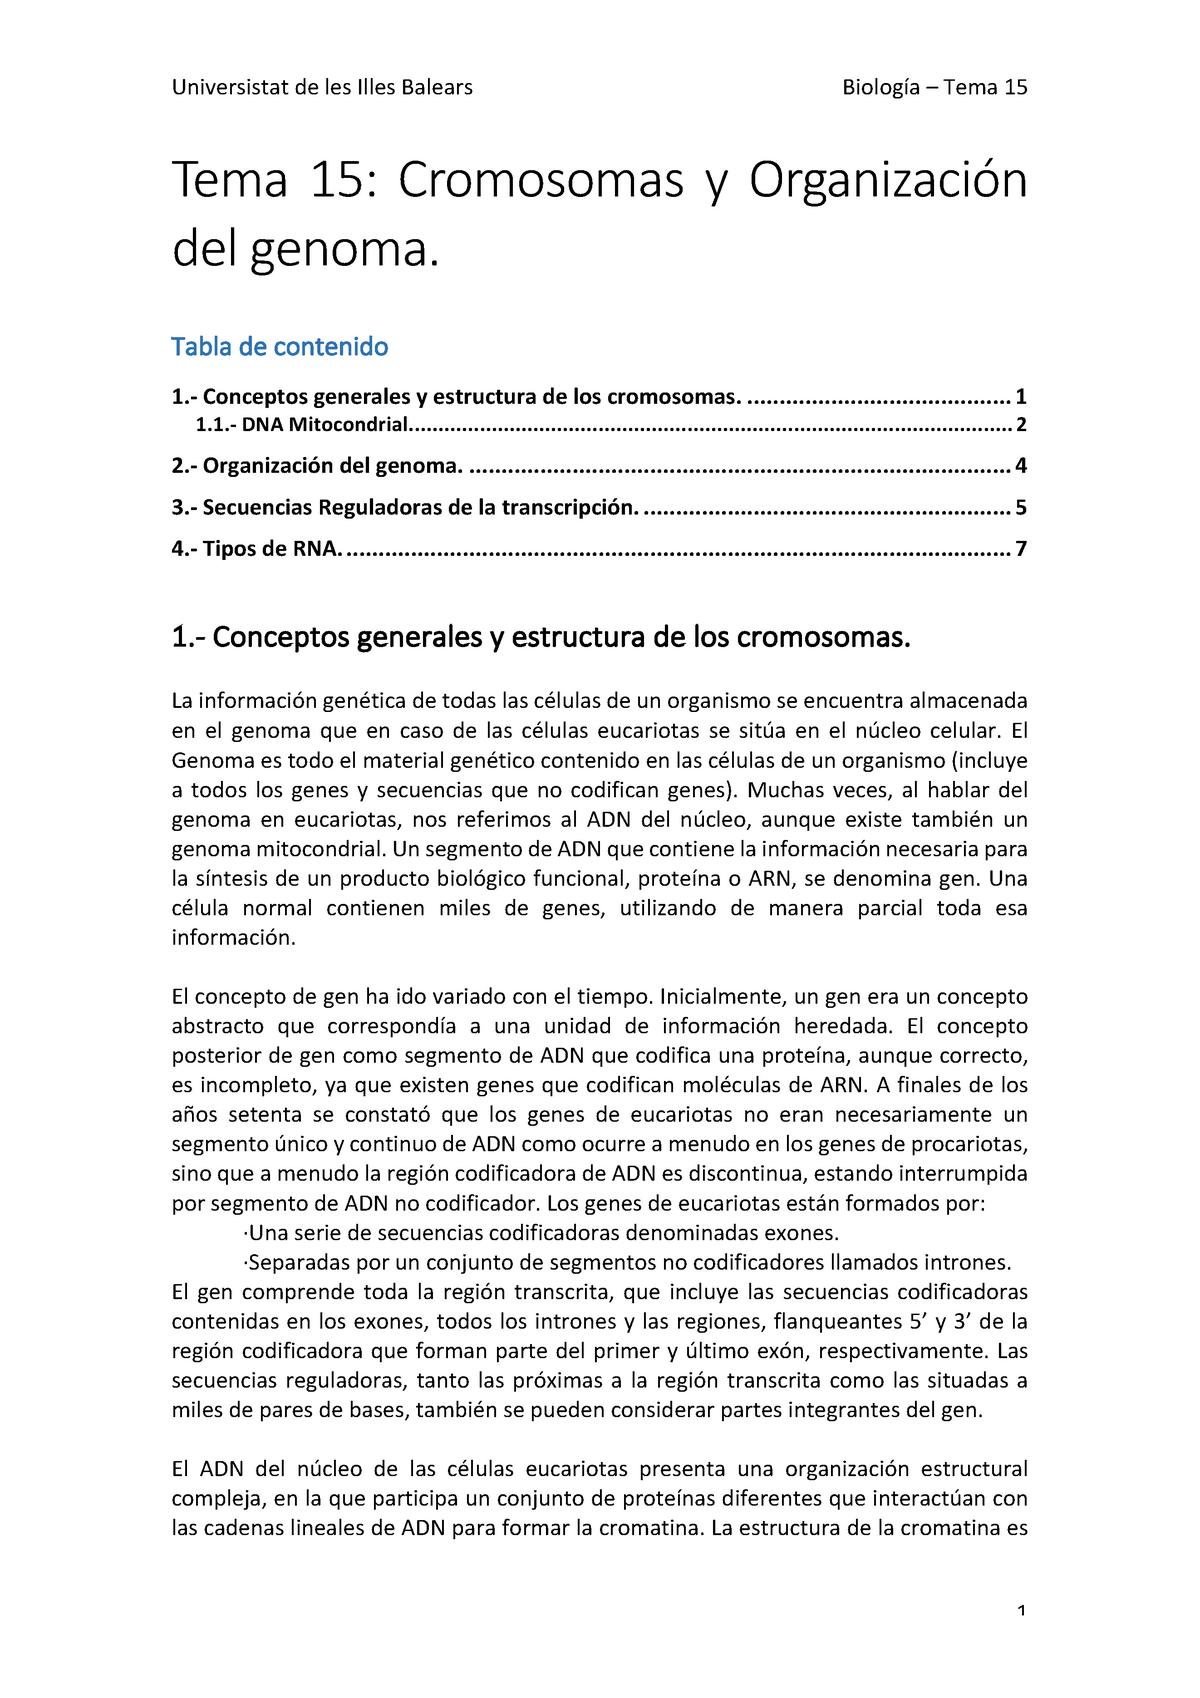 Tema 15 Cromosomas Y Organización Del Genoma Biología